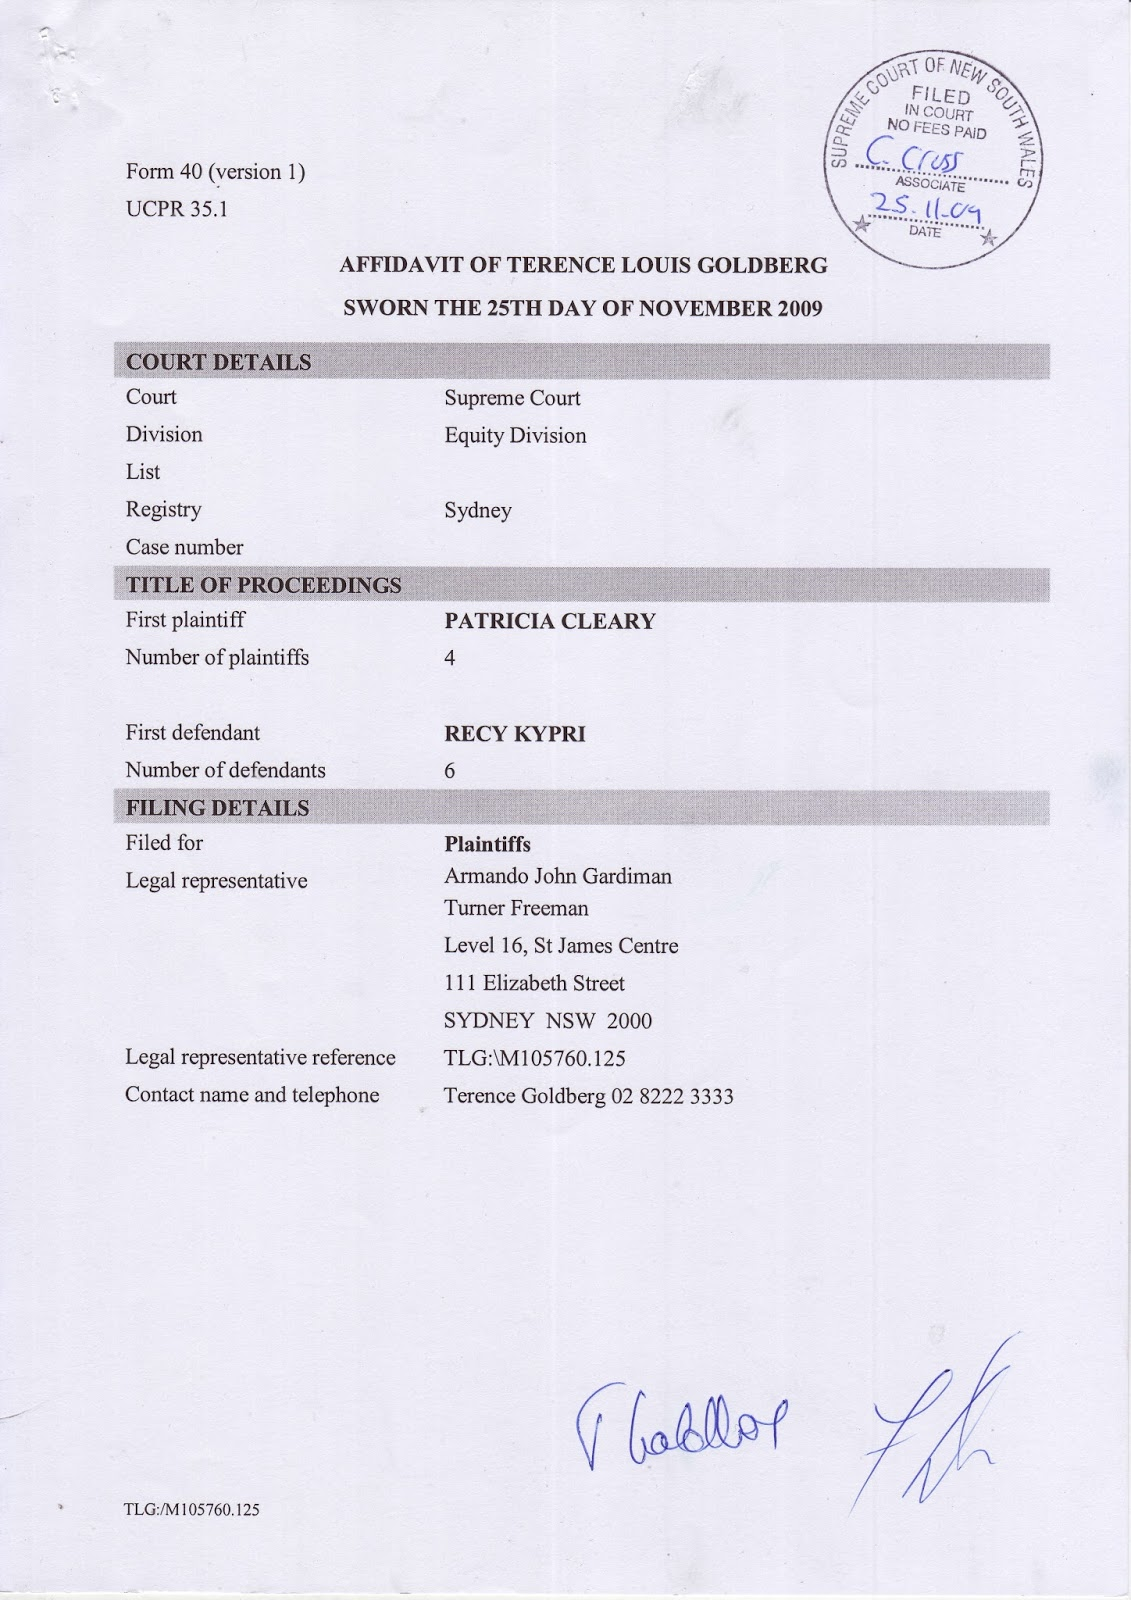 Terence Goldberg's sworn affidavit of 25 November 2009